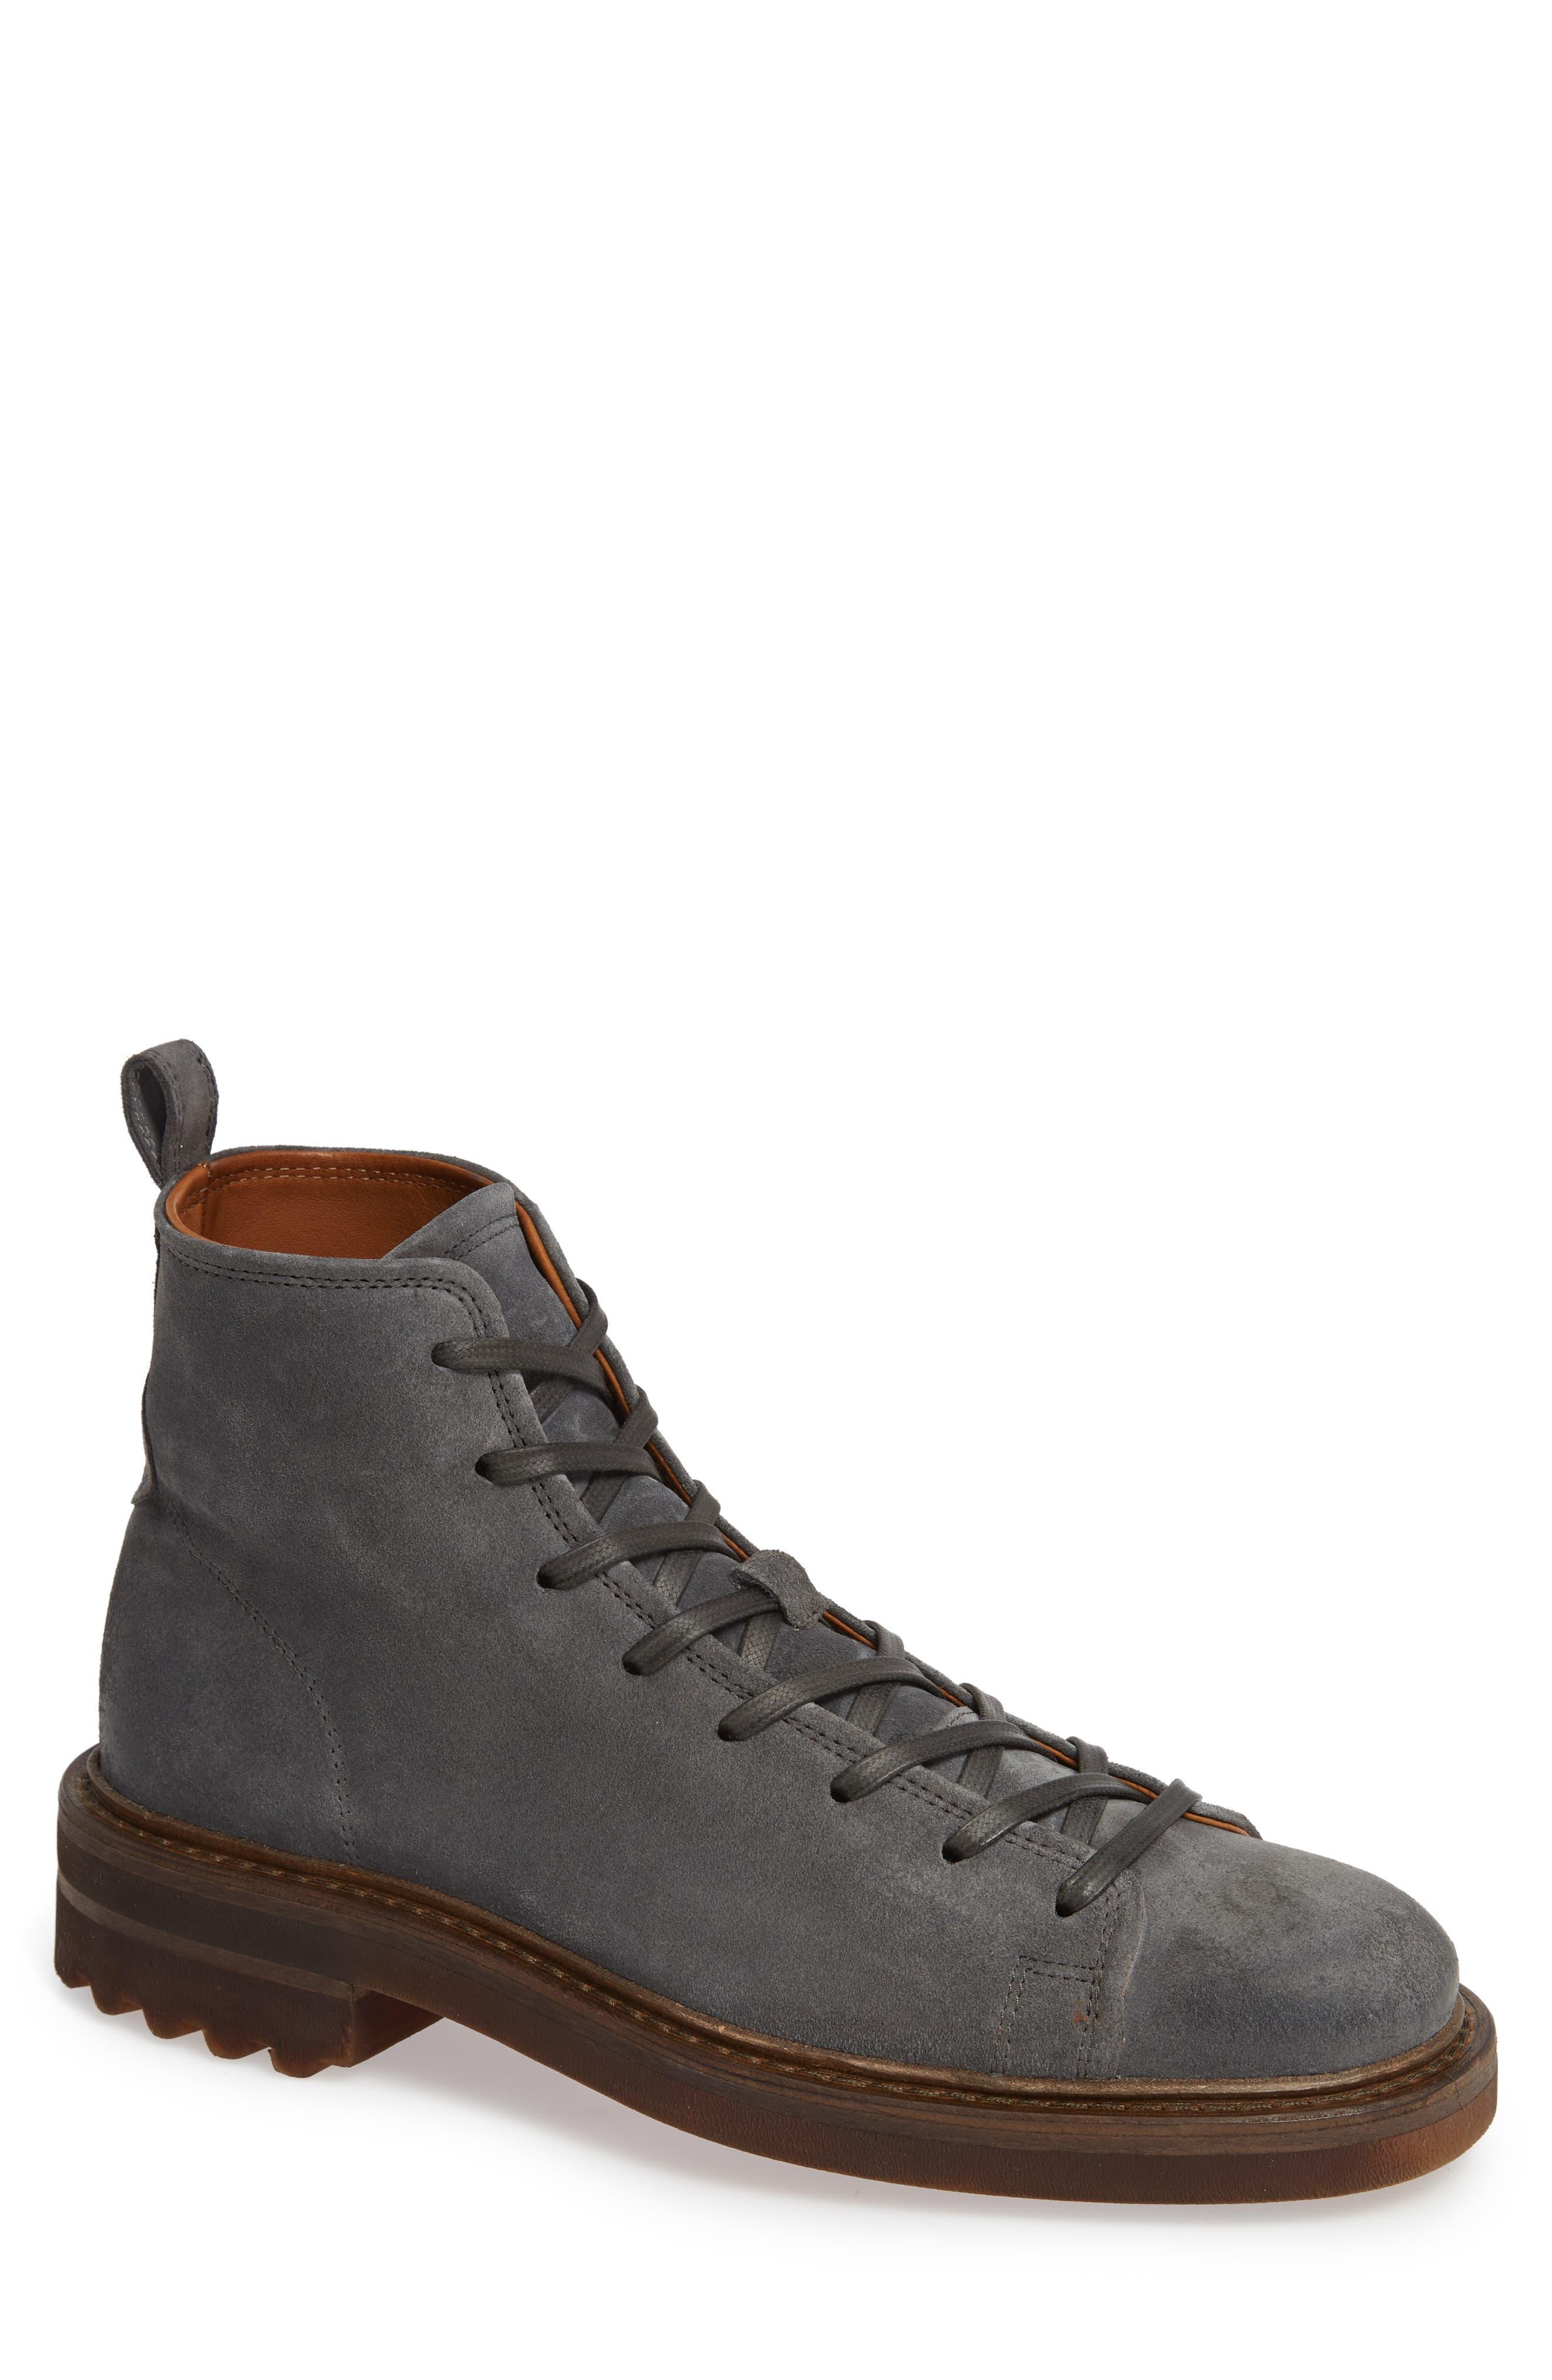 John Varvatos Collection Essex Plain Toe Boot, Grey